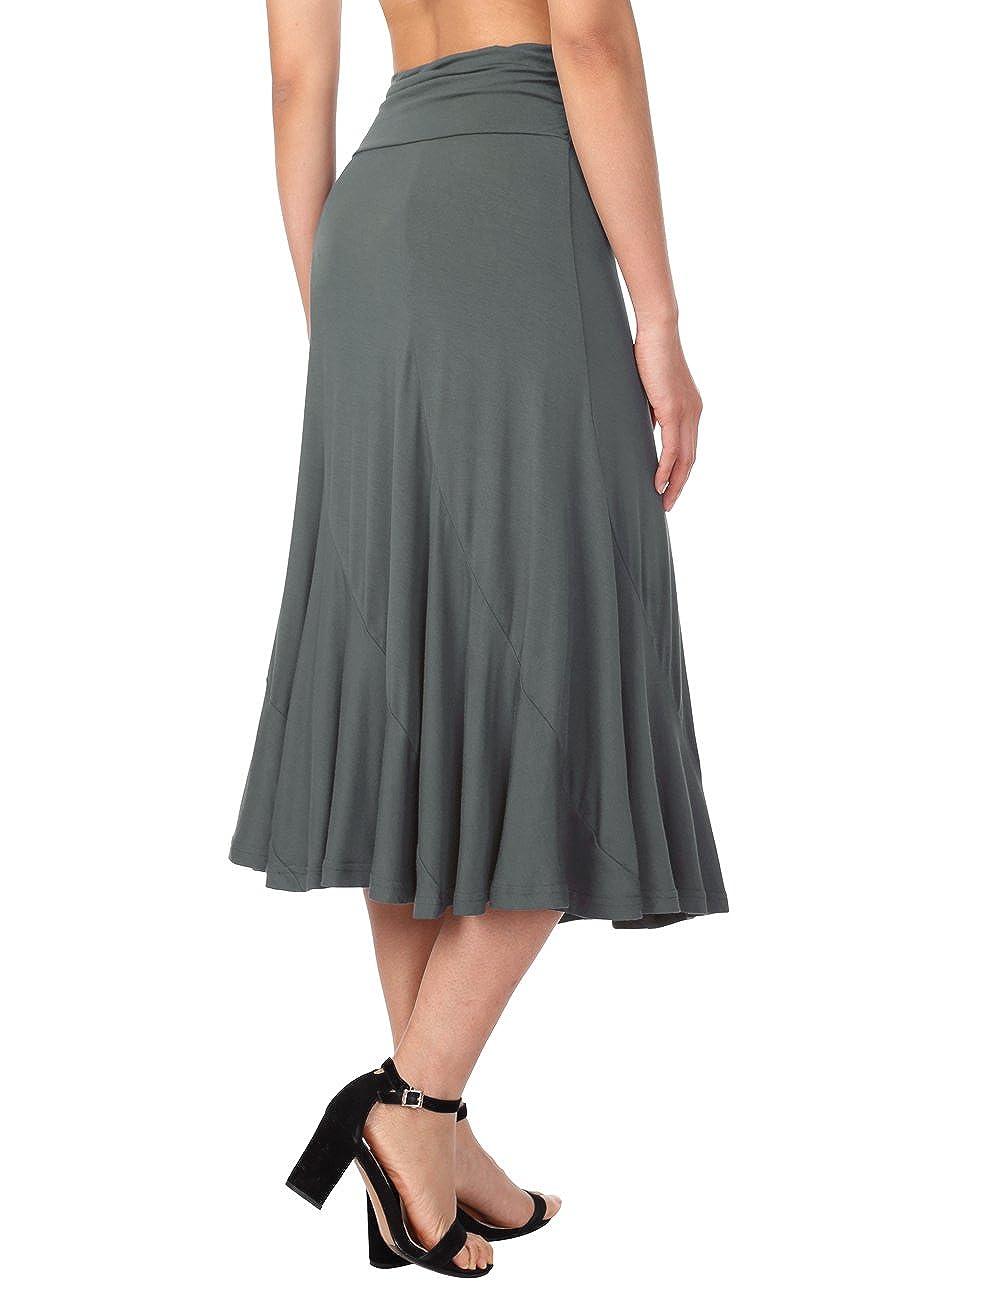 DJT-Falda Plisada para Mujer con Cintura de Talle Alto